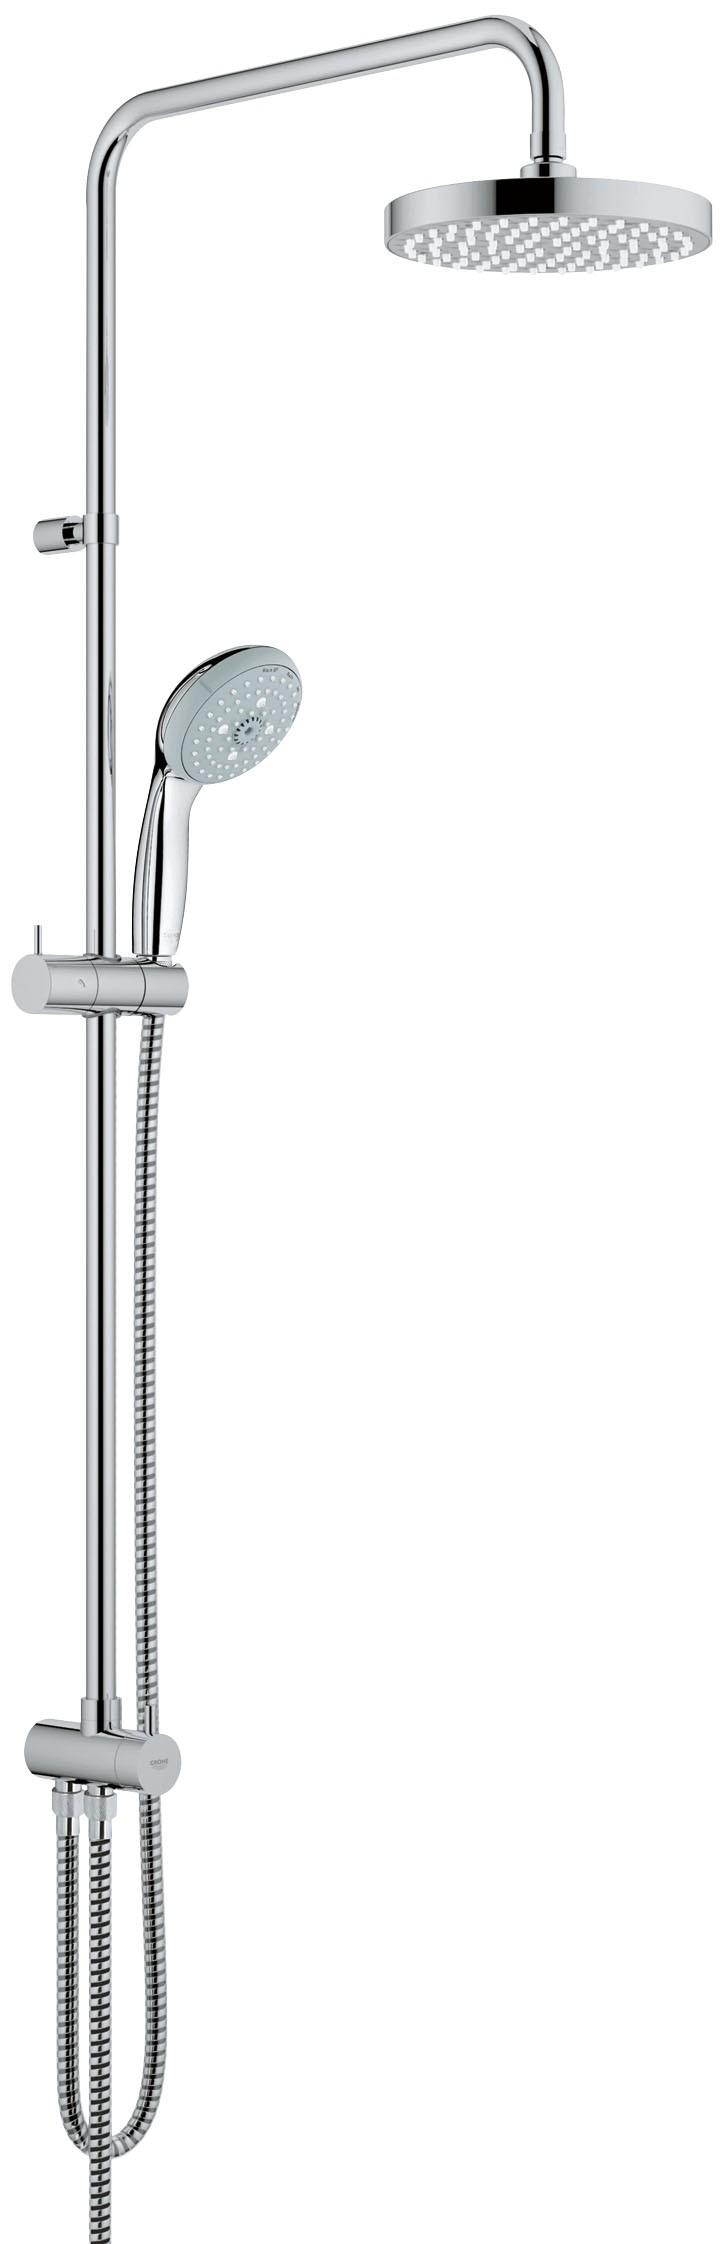 Душевая система Grohe 27389000 Tempesta 200 с верхним и ручным душем (без смесителя), хром (27389000)